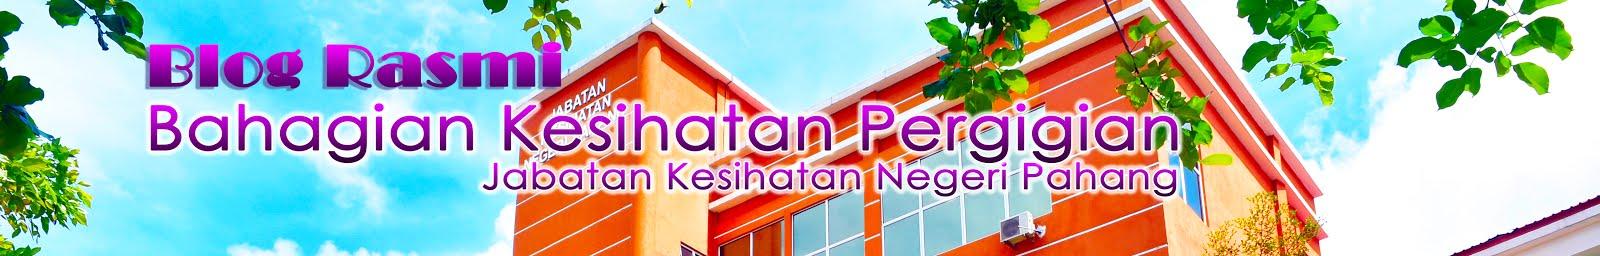 Blog Rasmi Bahagian Kesihatan Pergigian Negeri Pahang